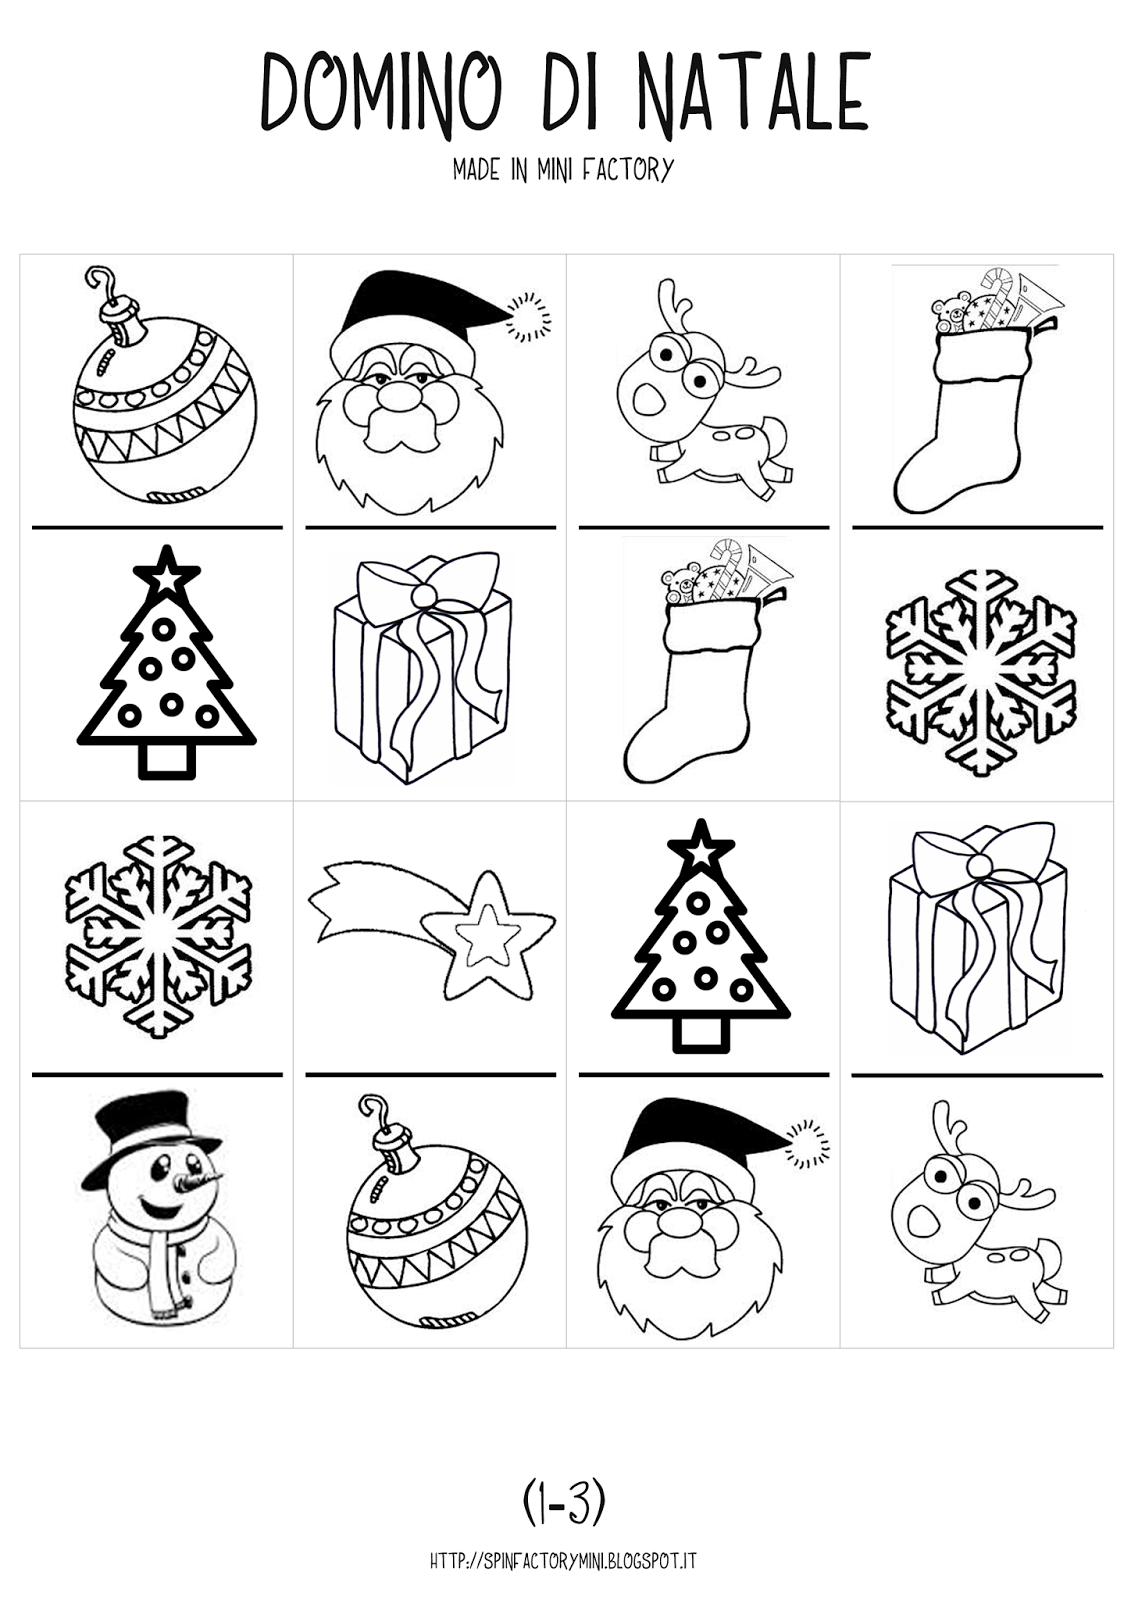 Giochi Natale.Minifactory Domino Di Natale Natale Giochi Di Natale Bambini Di Natale